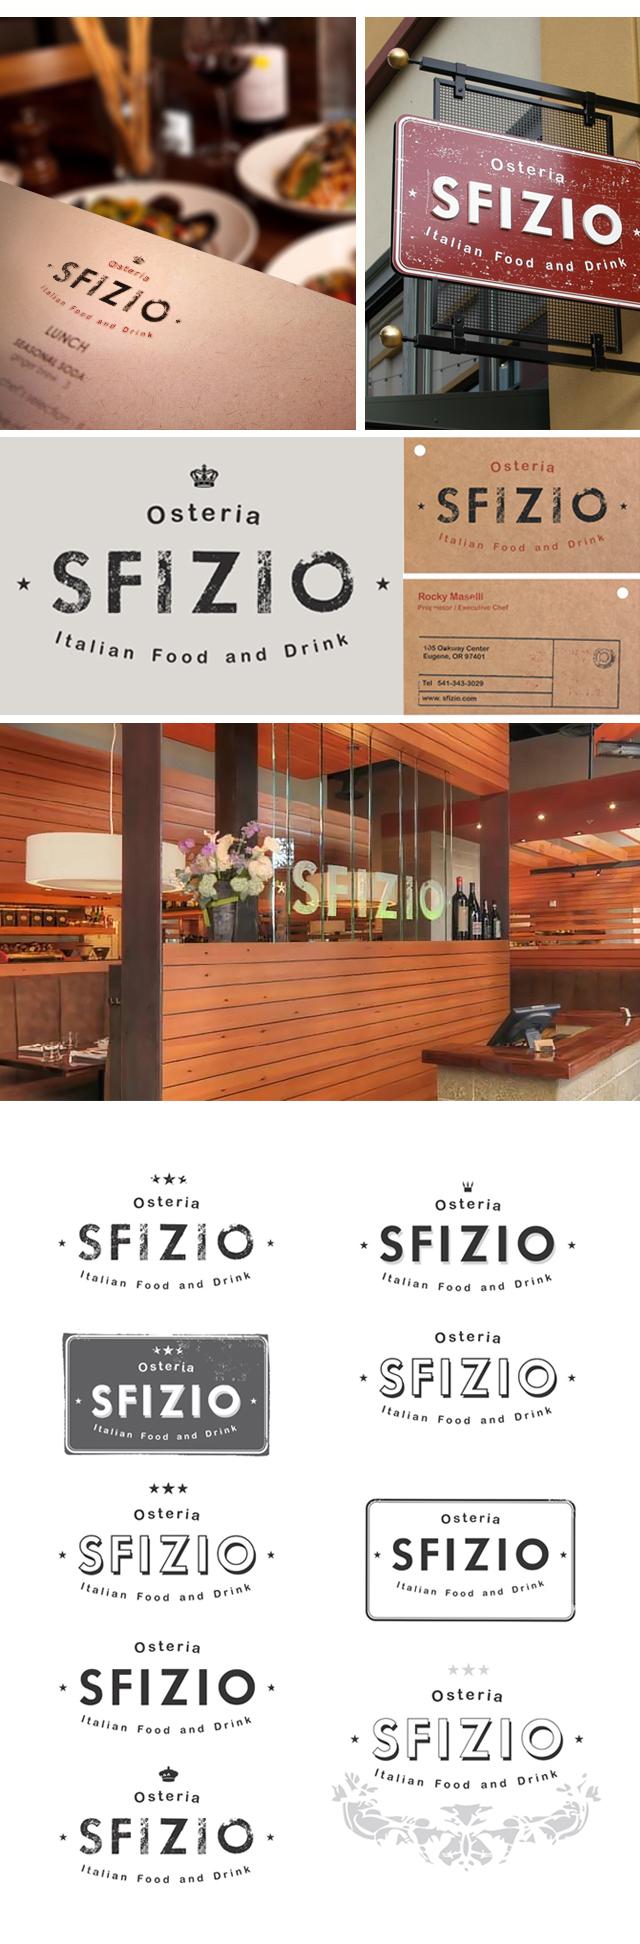 Sfizio_page_layout_3